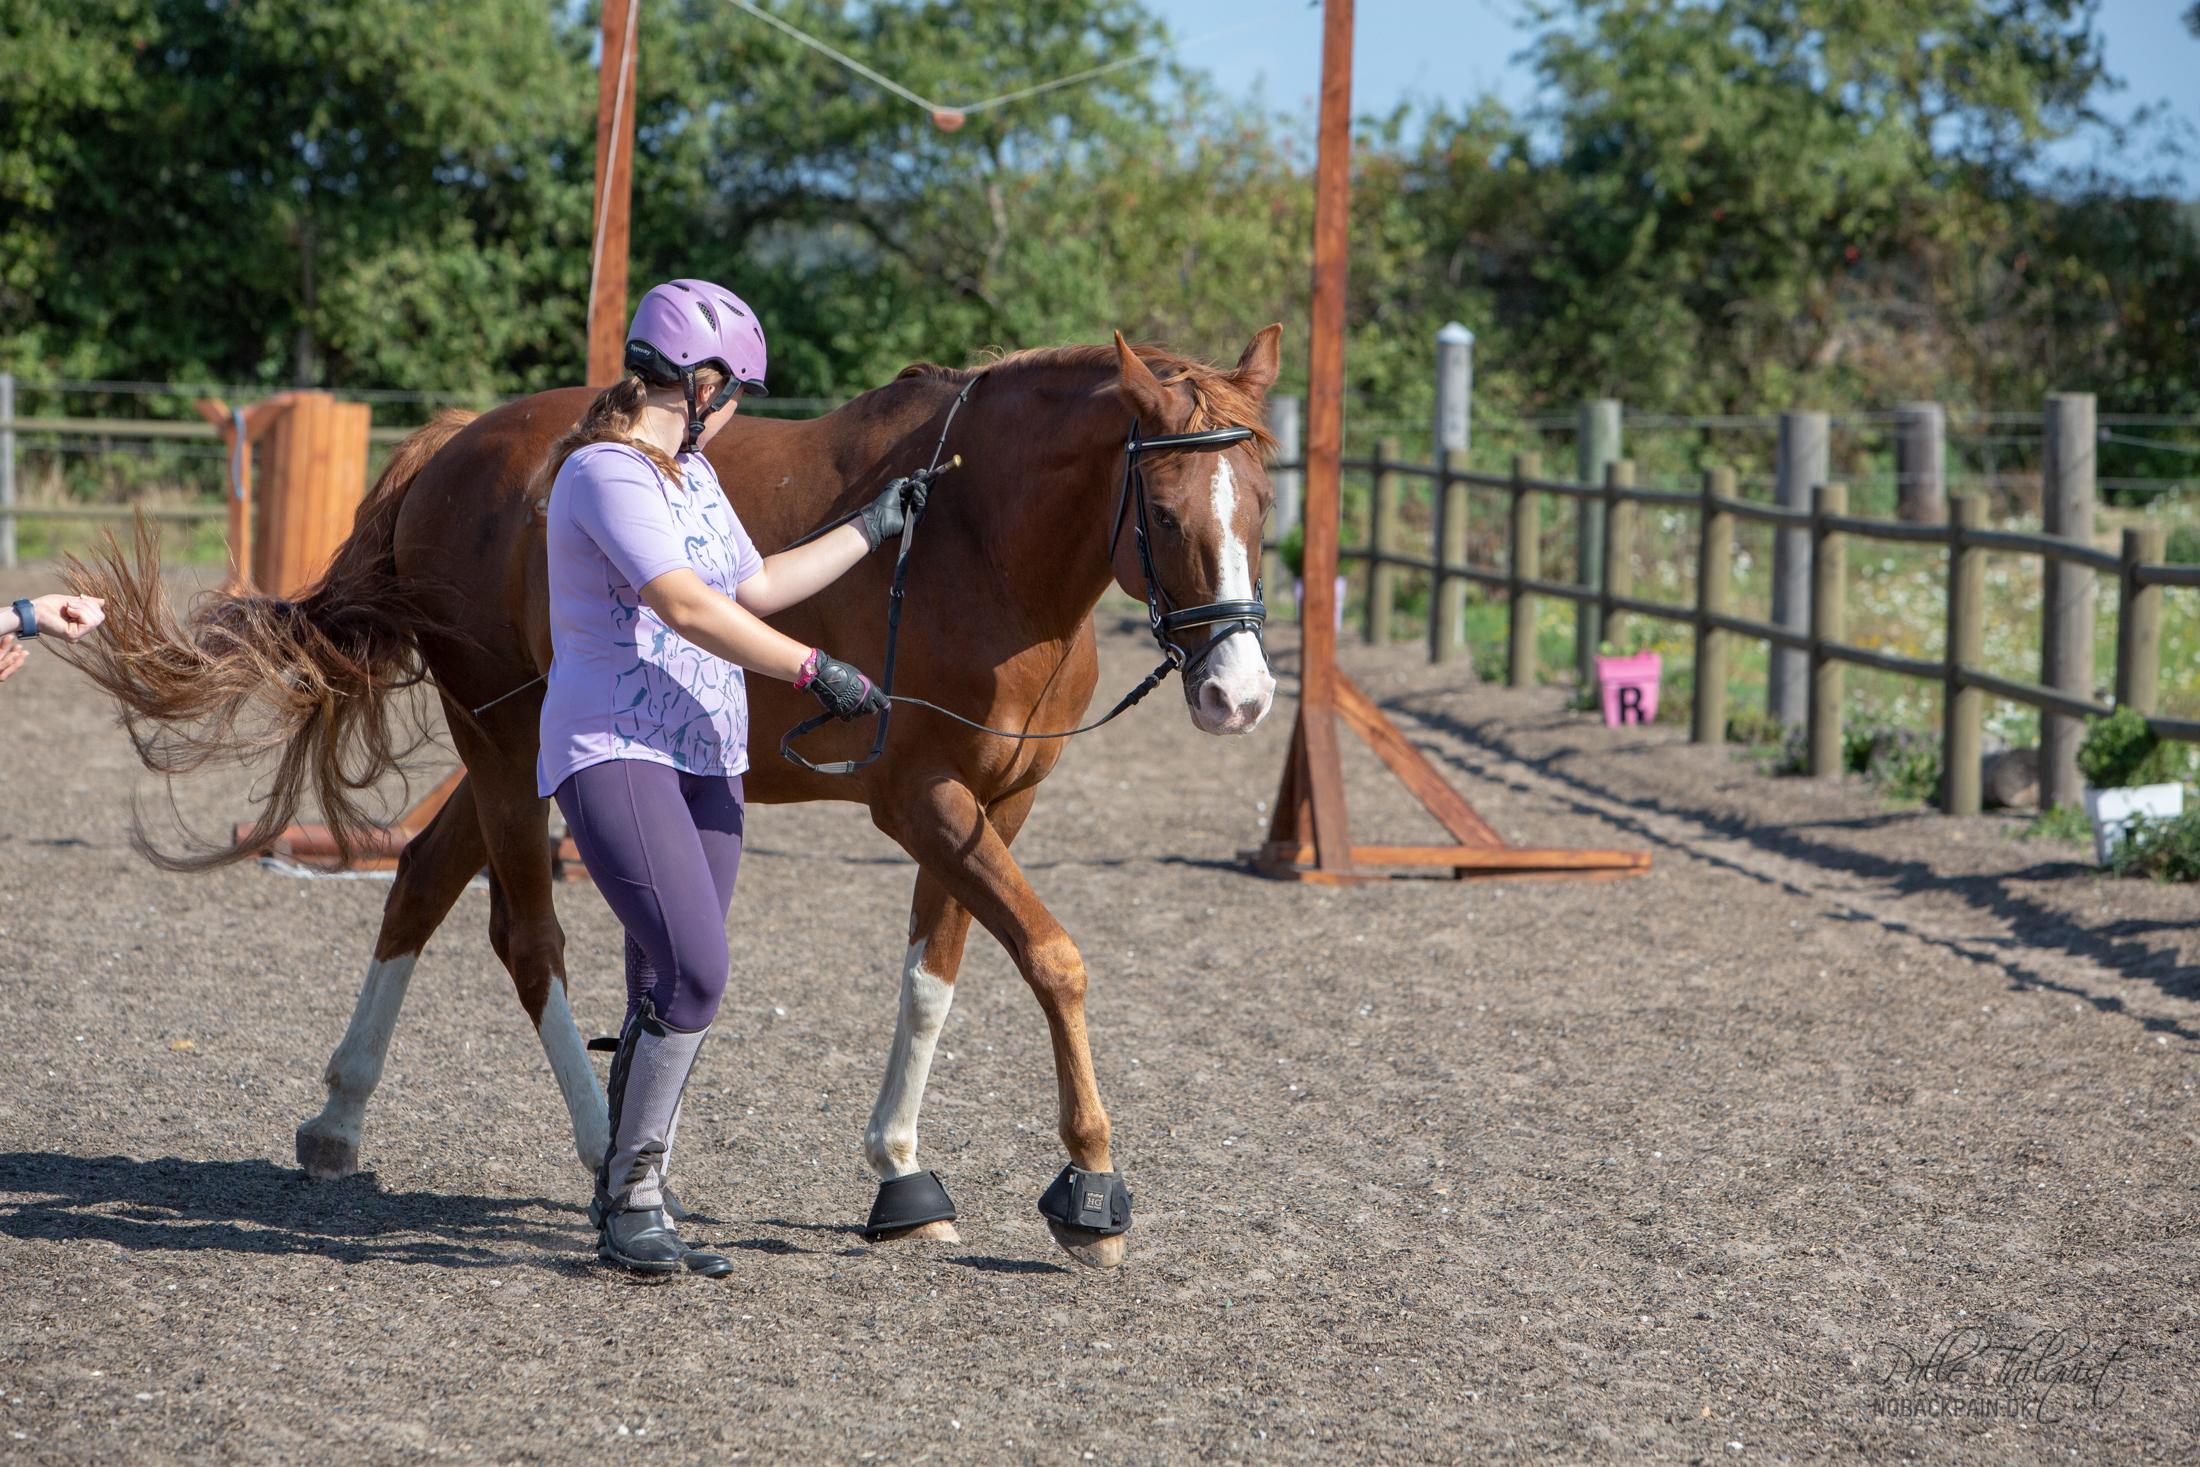 Sasha og Ripasso´s første lektion i arbejdet for hånd. Sasha holder øje med hvor Ripasso sætter det indvendige bagben.